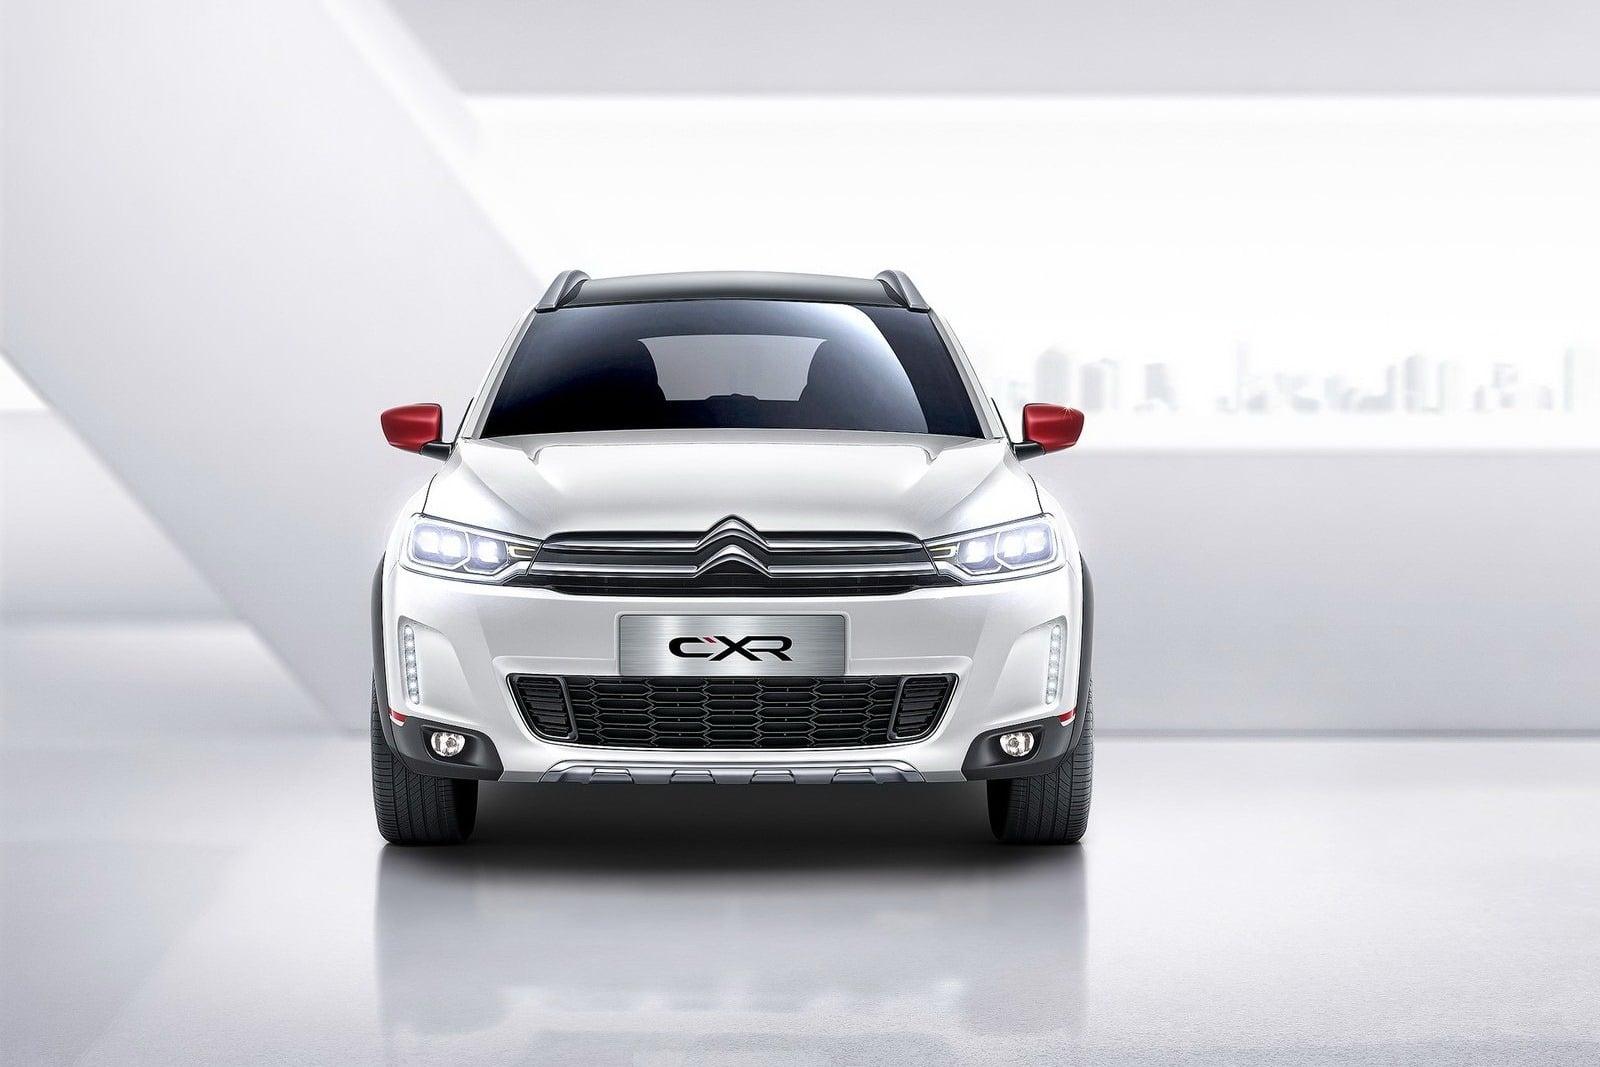 Citroën à l'assaut du marché chinois avec le crossover C-XR